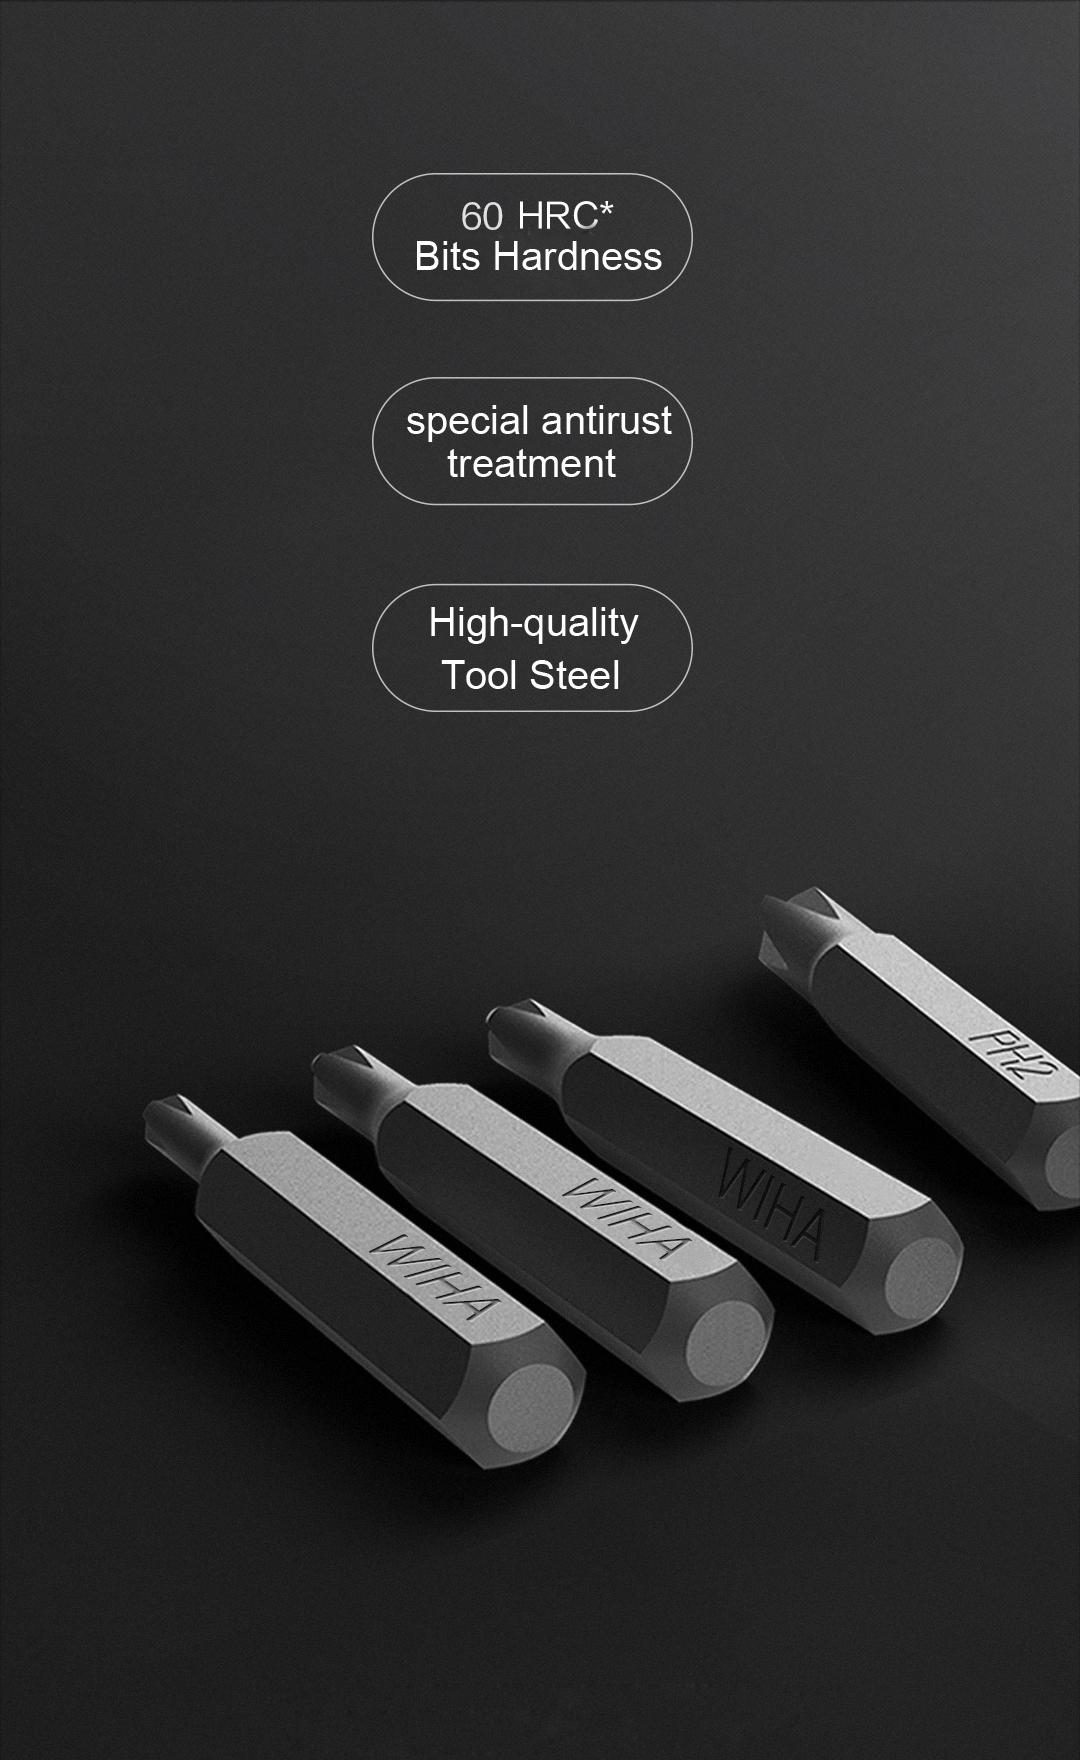 XIAOMI wiha screwdrivers kits